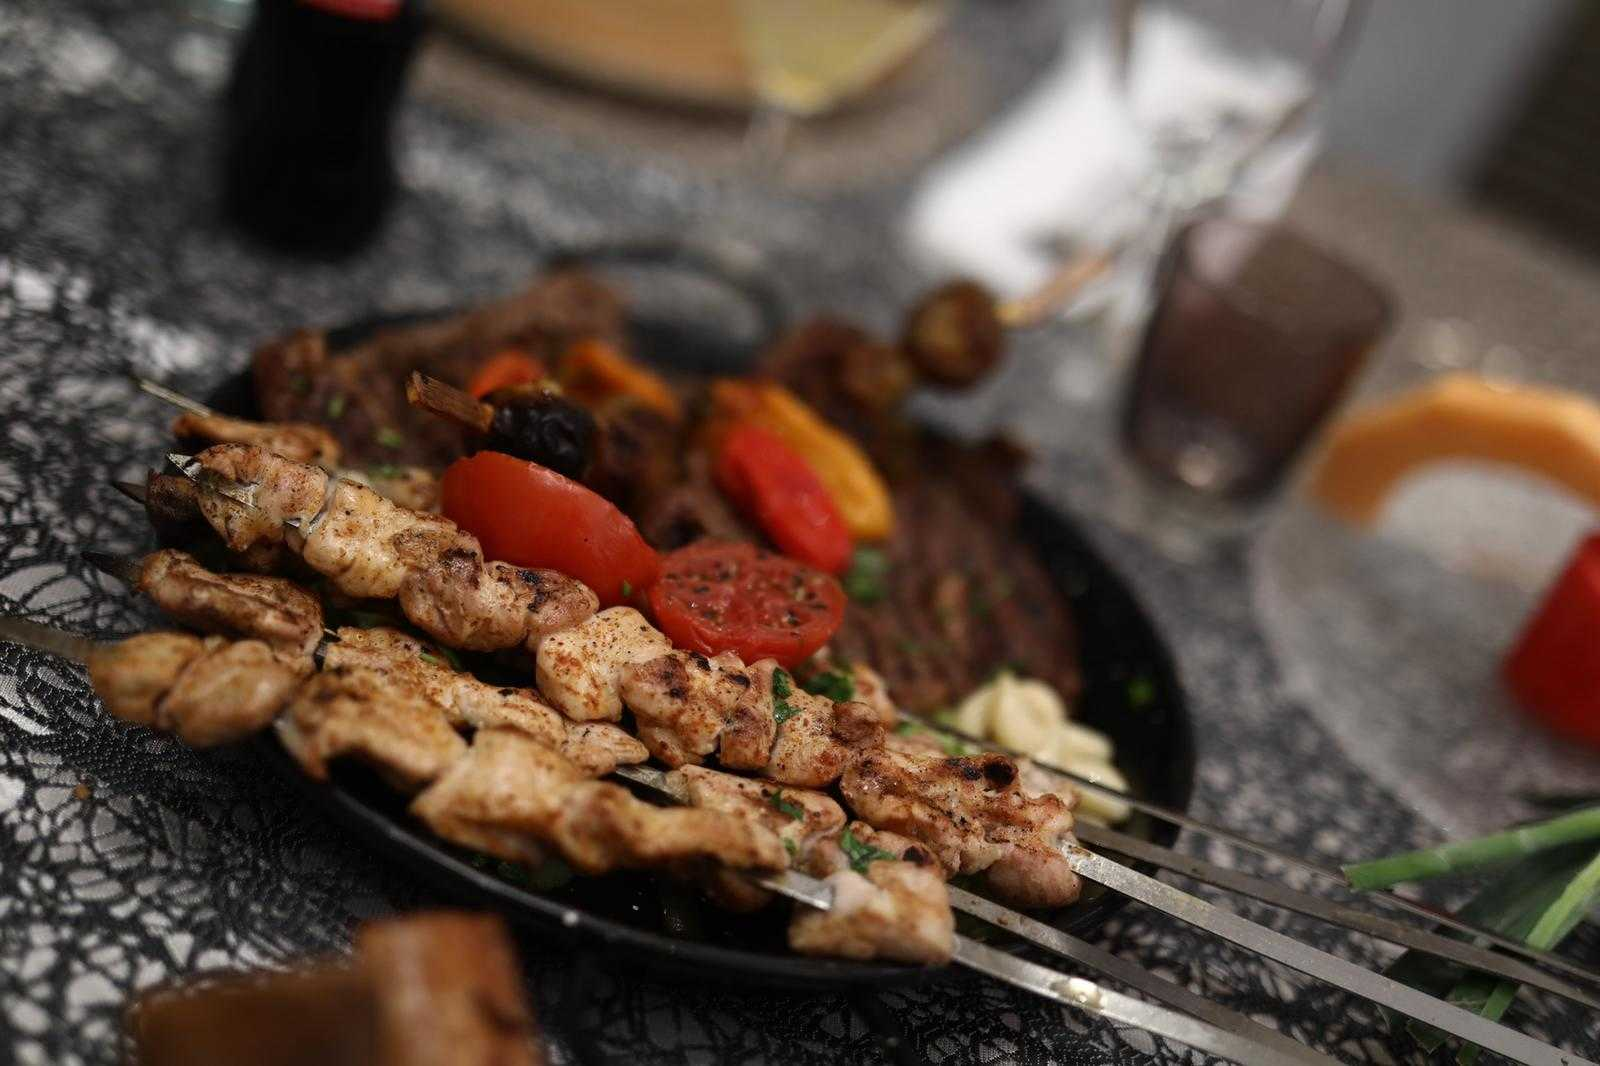 סיקור מצולם: עיתונאים חרדים באירוע השקה לחדר VIP במסעדה היהודית 7